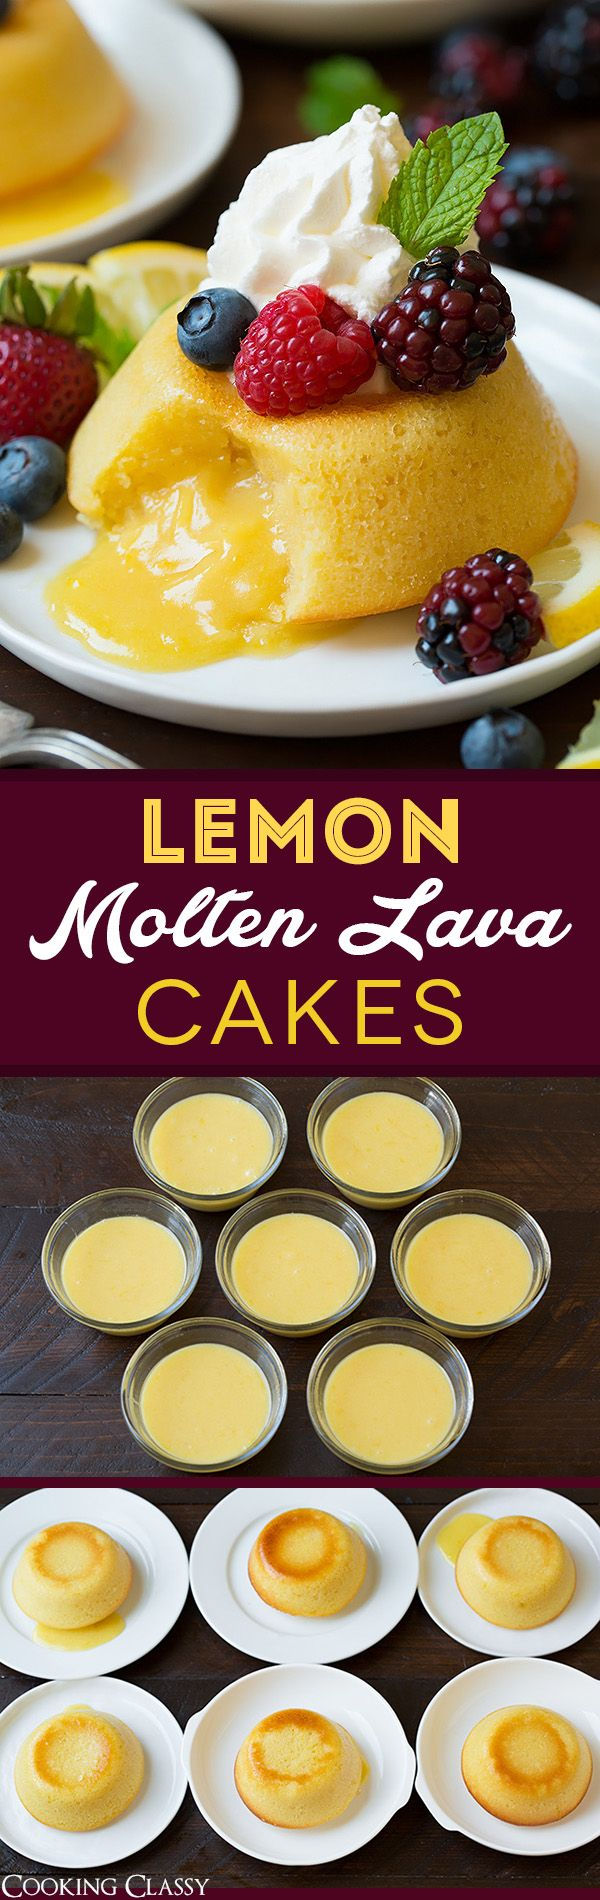 Lemon Molten Lava Cakes - Cooking Classy